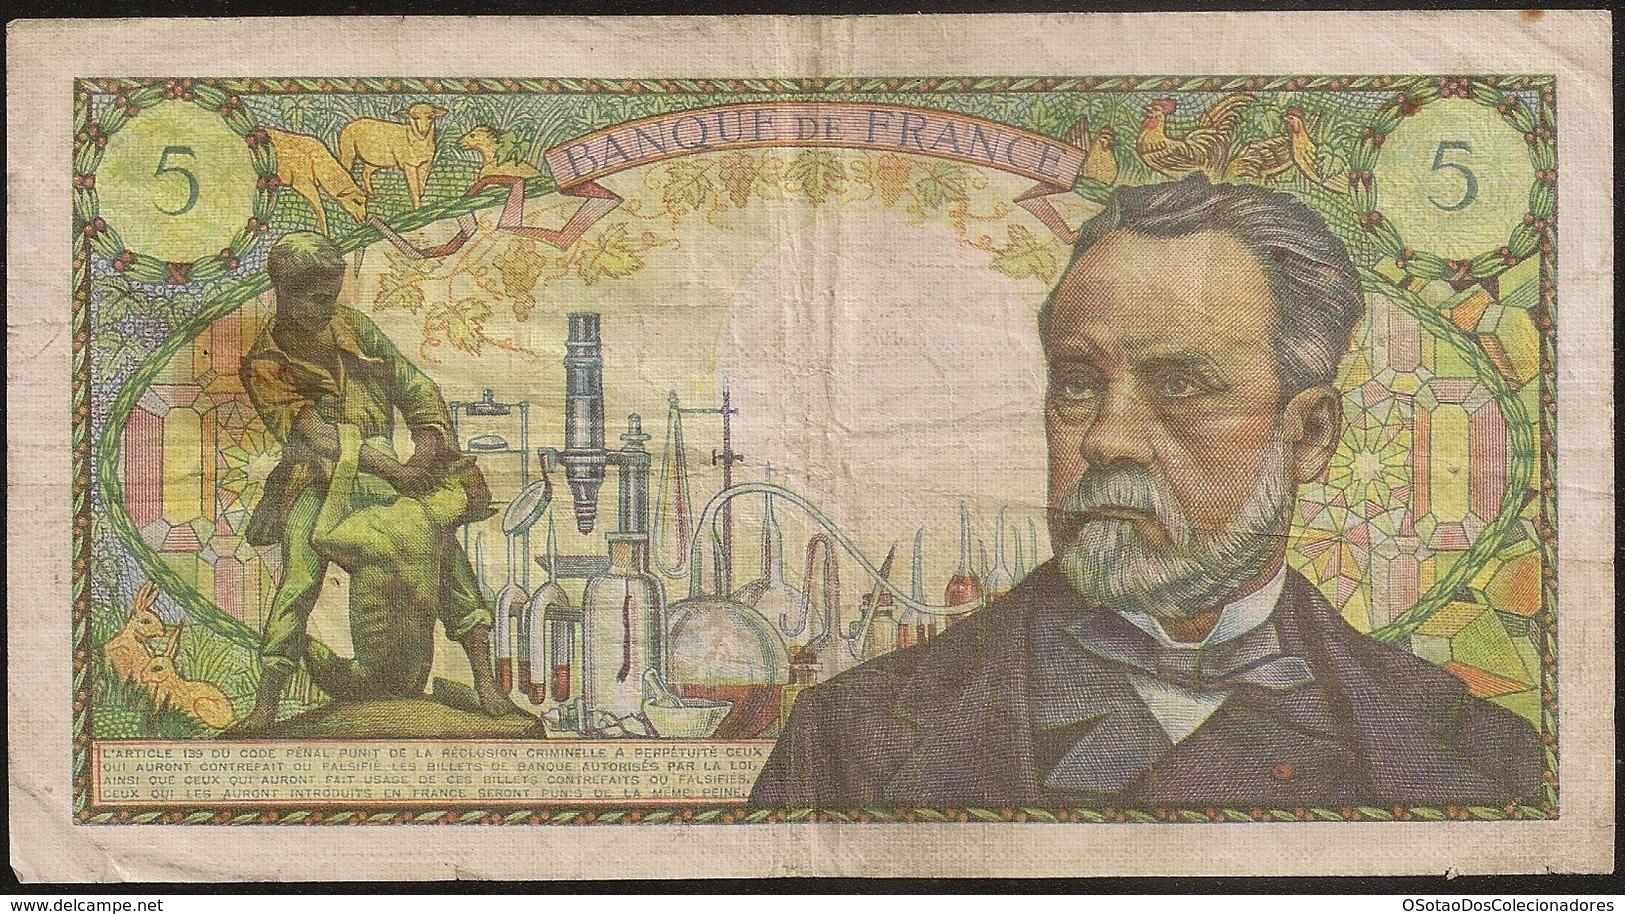 Banknote France Pasteur - 5 Francs - 5-5-1967 J - Cinq Francs - BC - 5 F 1966-1970 ''Pasteur''